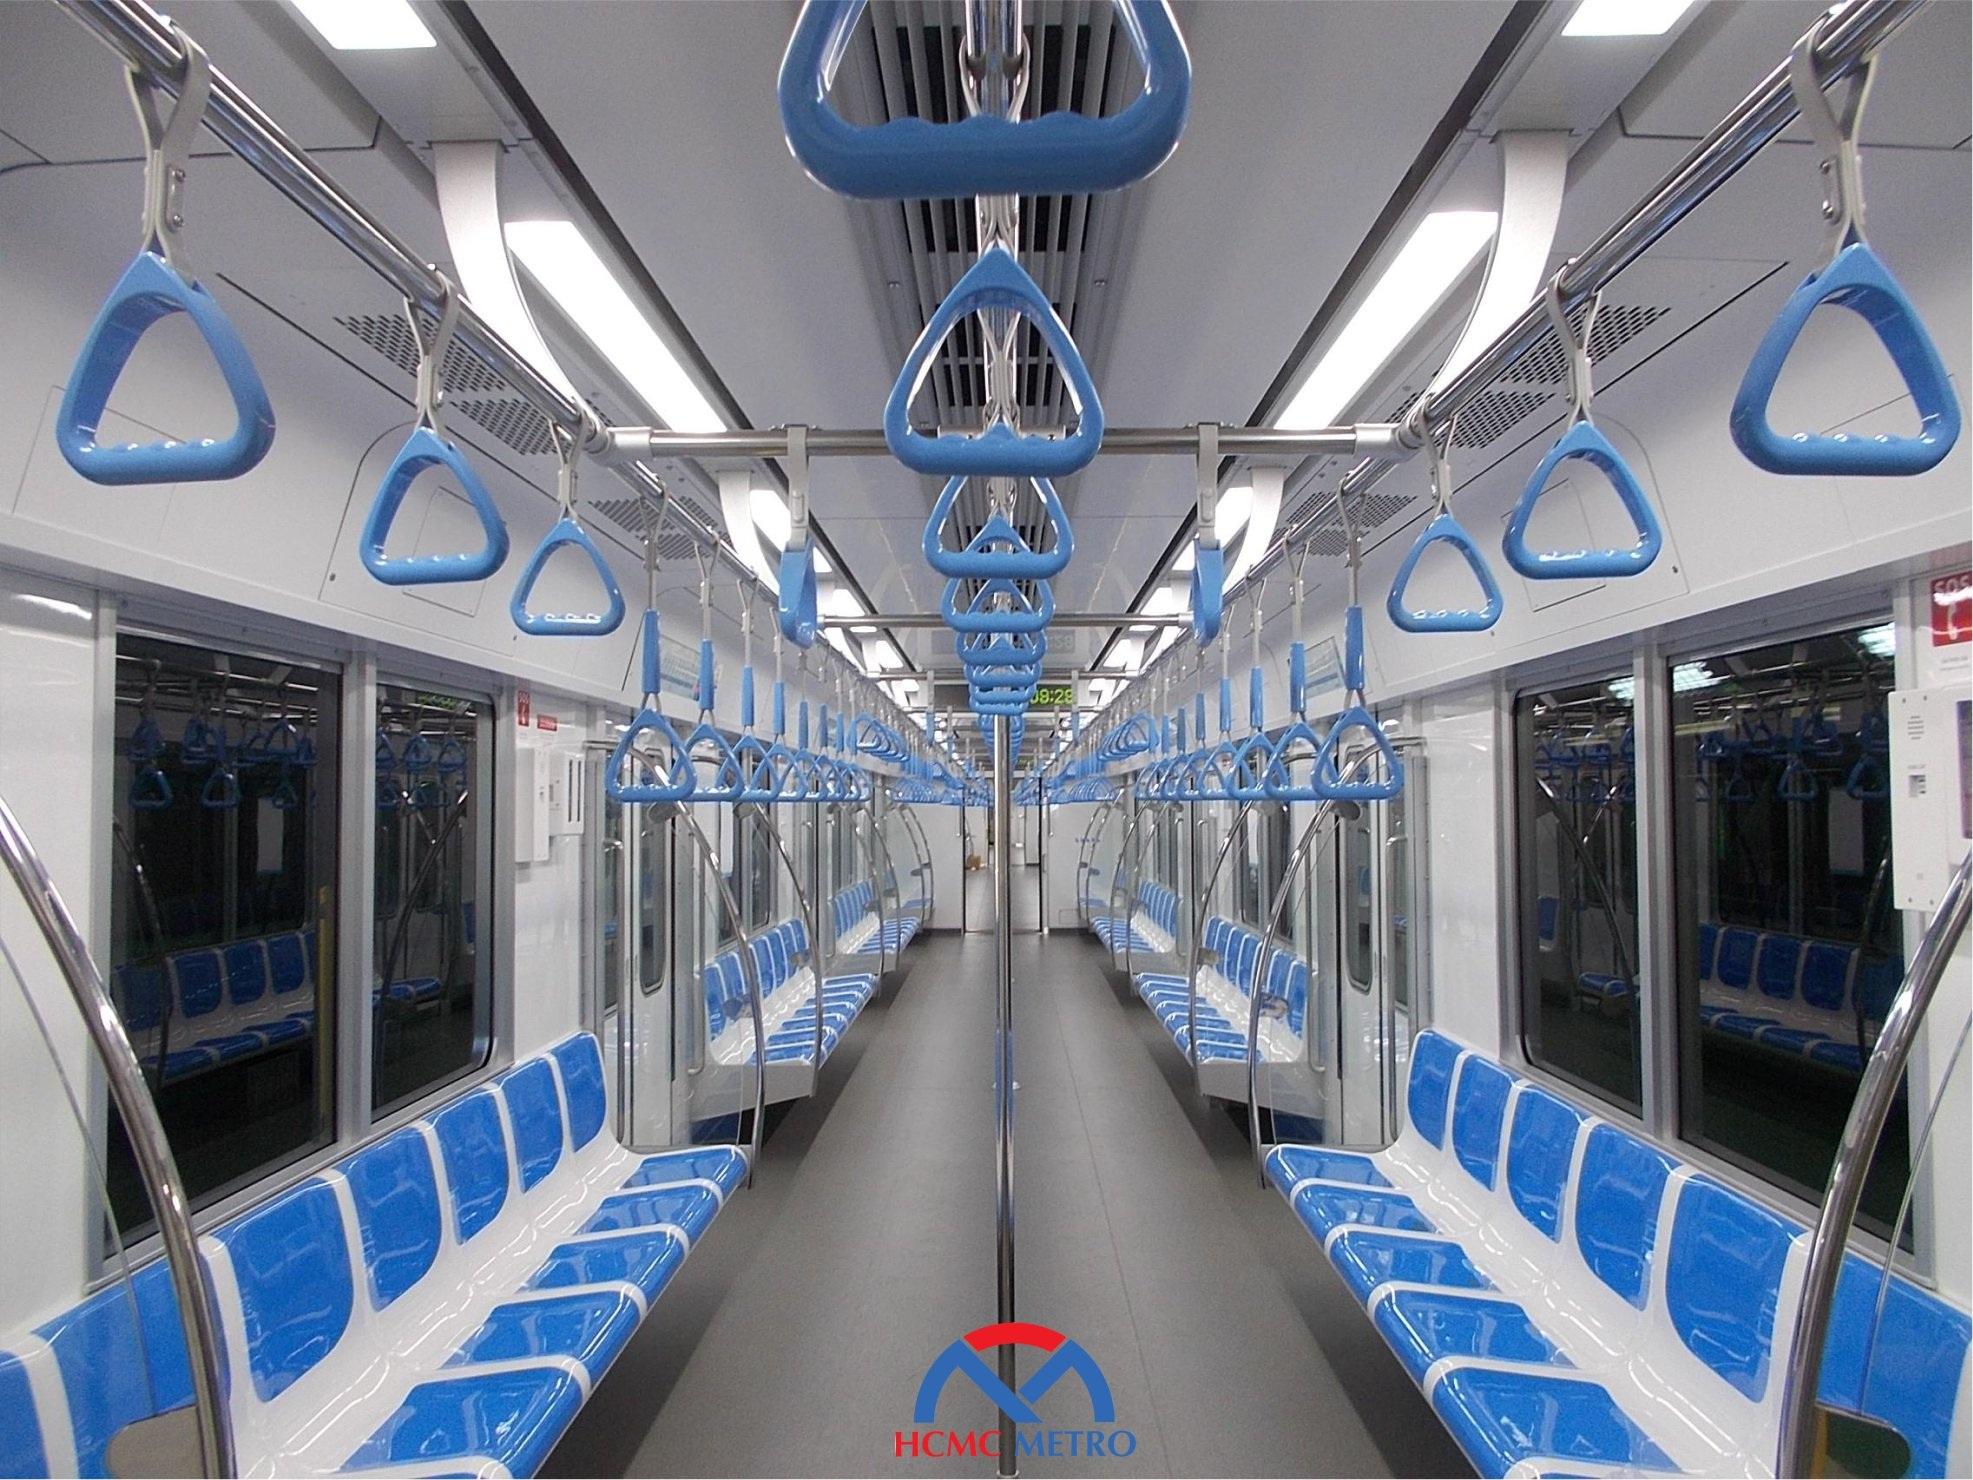 Ngắm toàn cảnh tuyến metro đầu tiên của TPHCM - 23